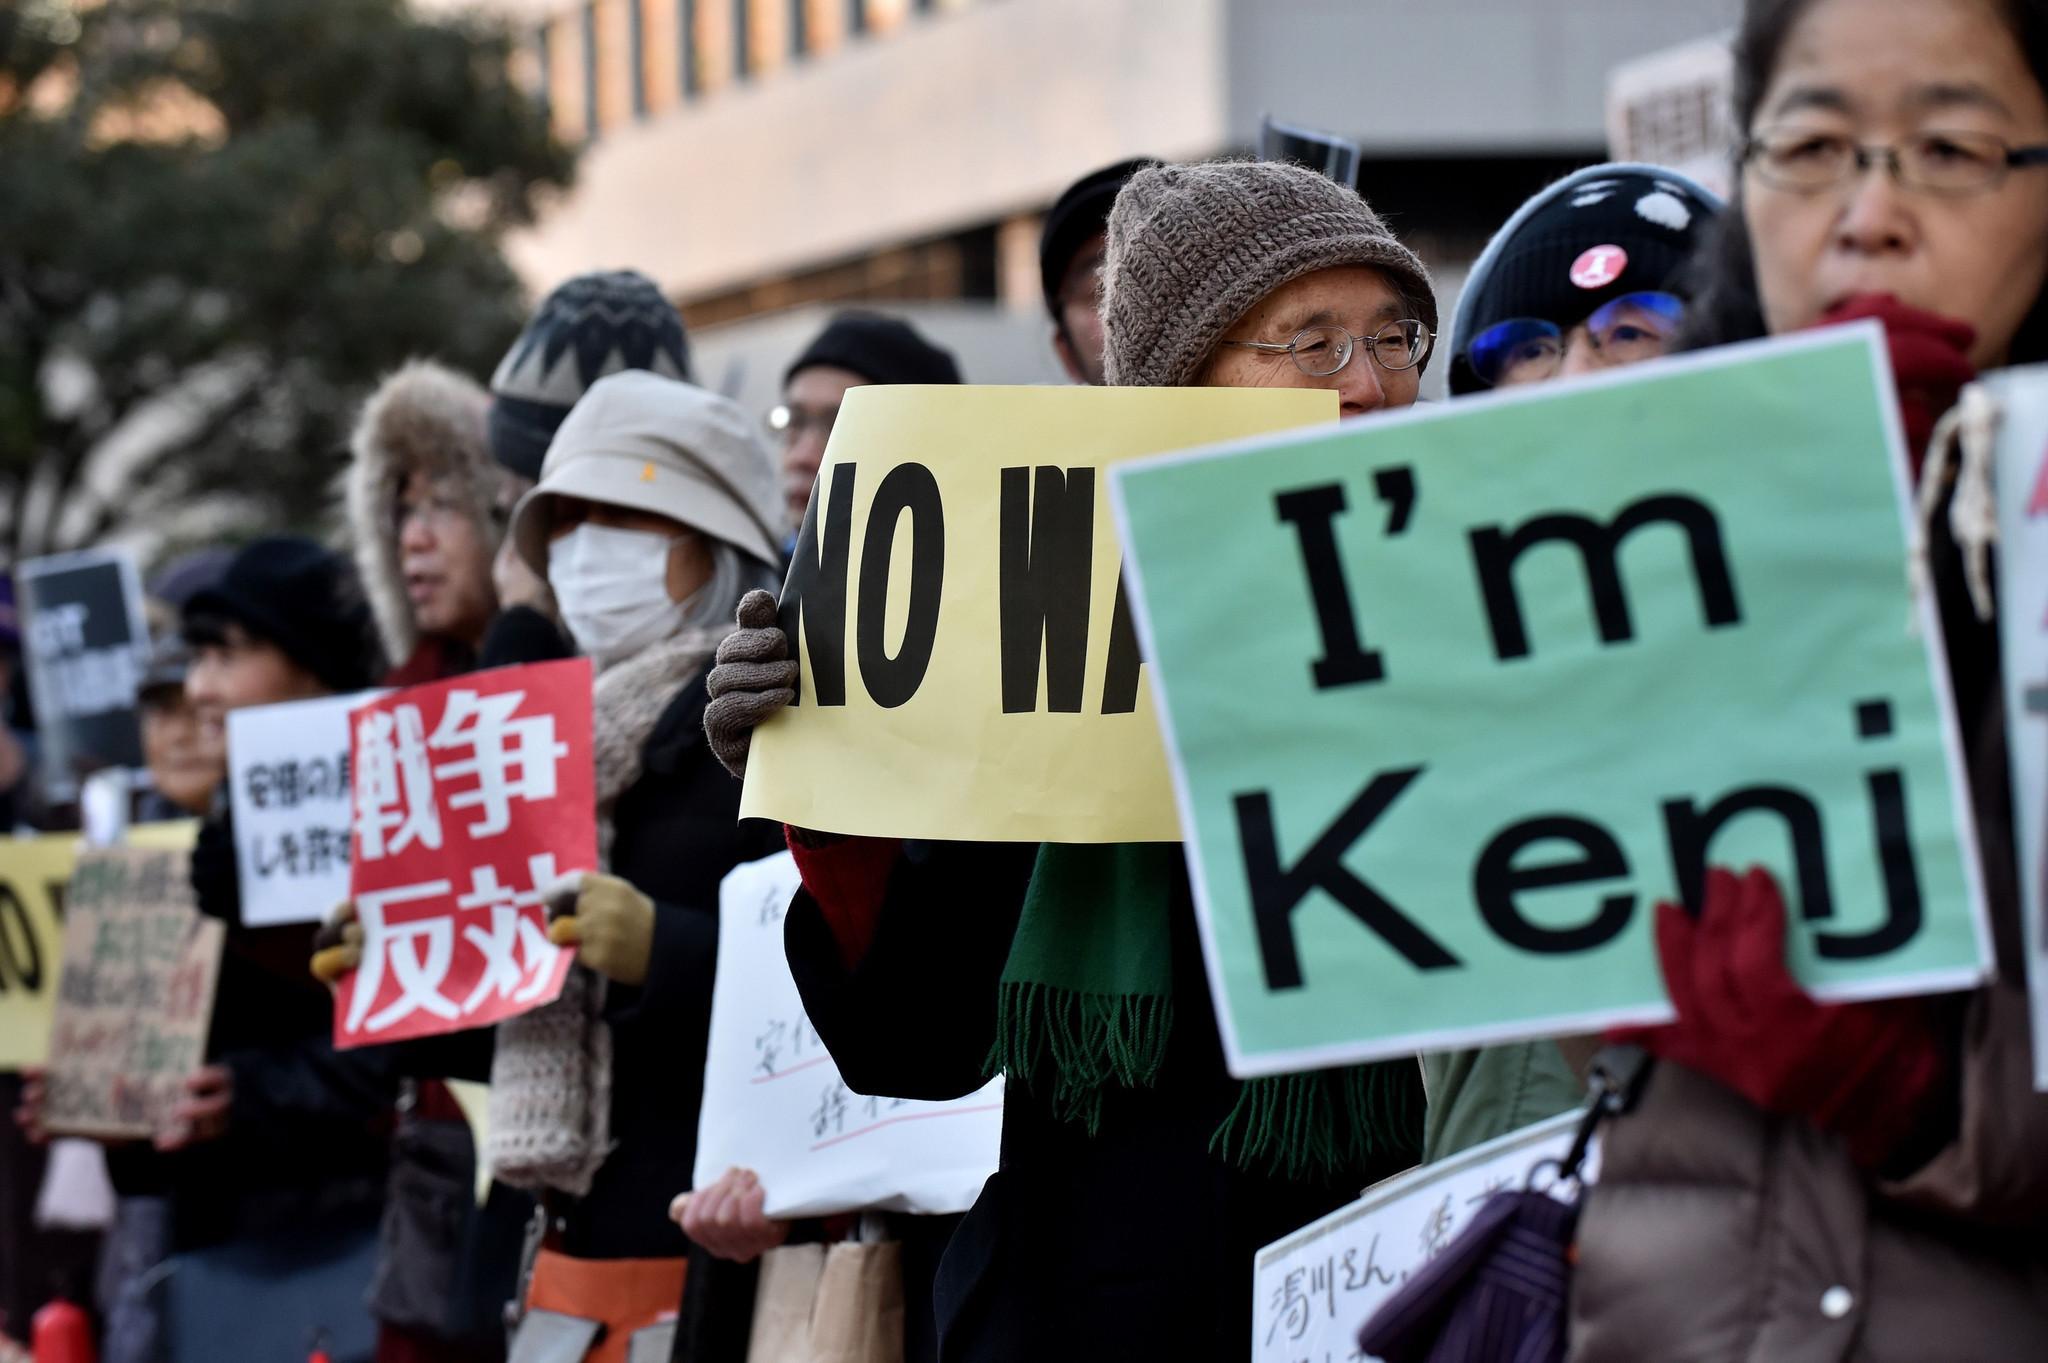 http://www.trbimg.com/img-54cdf6ba/turbine/la-fg-japan-mourns-kenji-goto-20150201